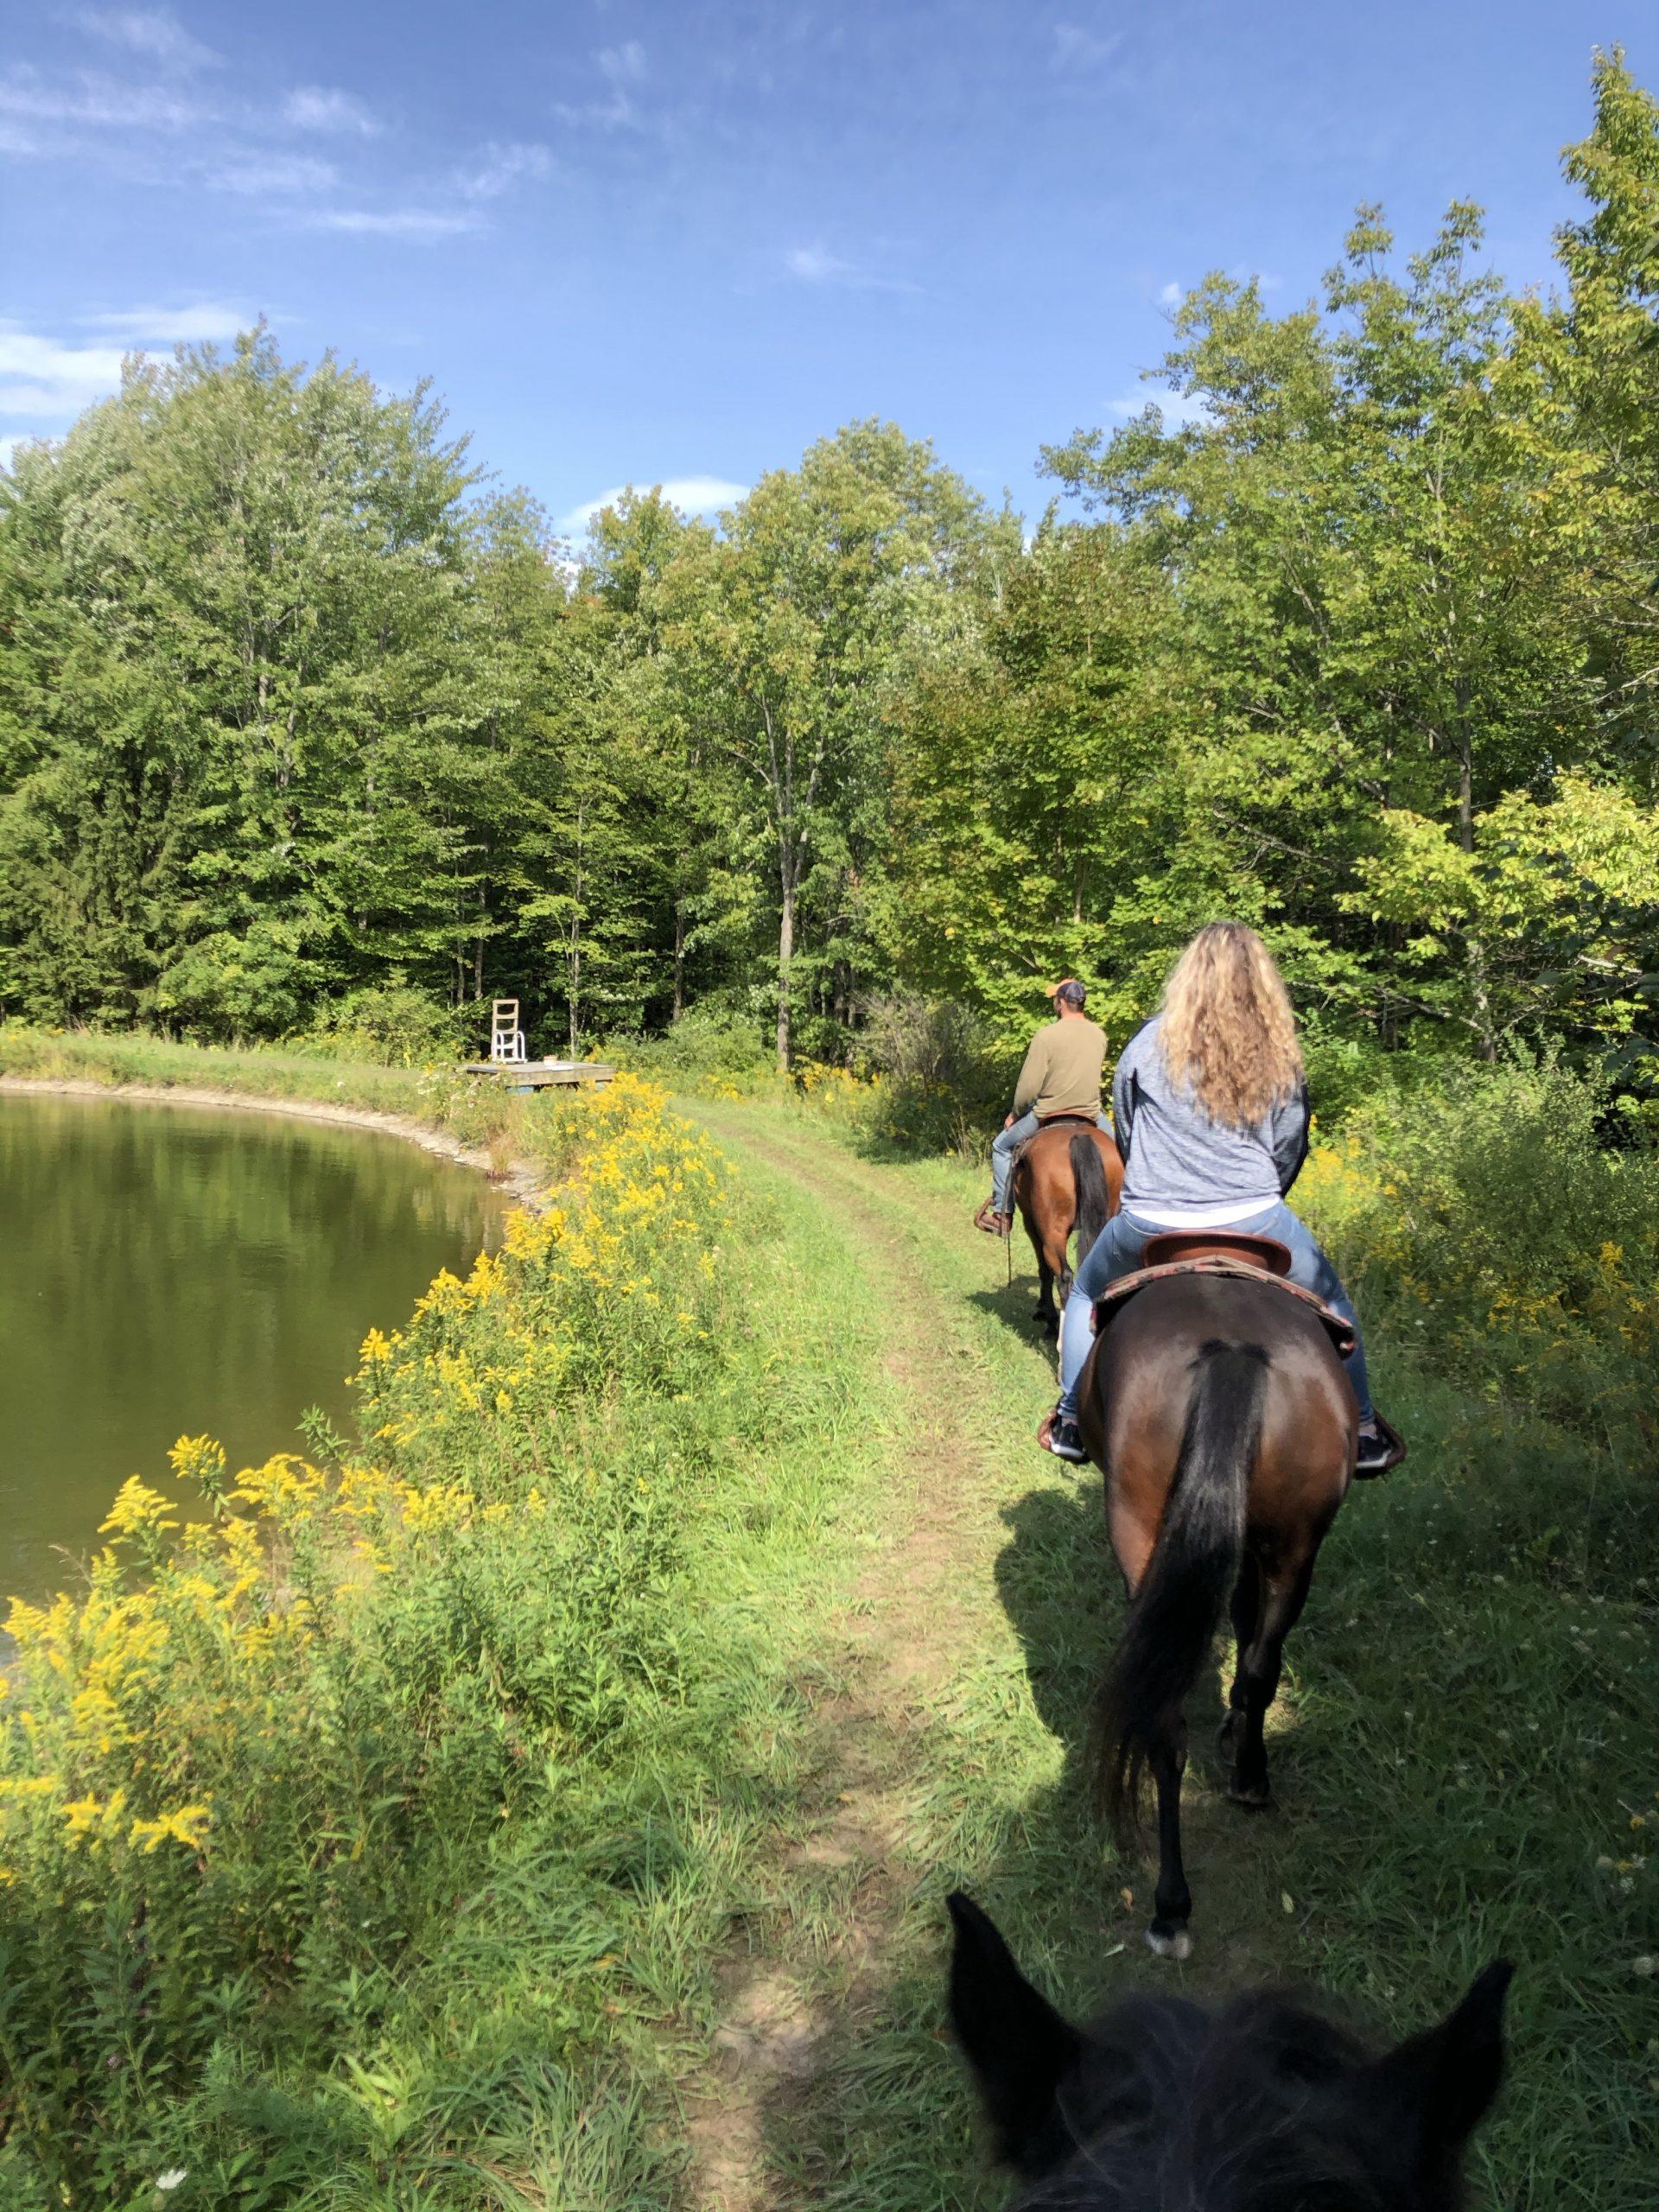 Horseback Riding Around a Pond